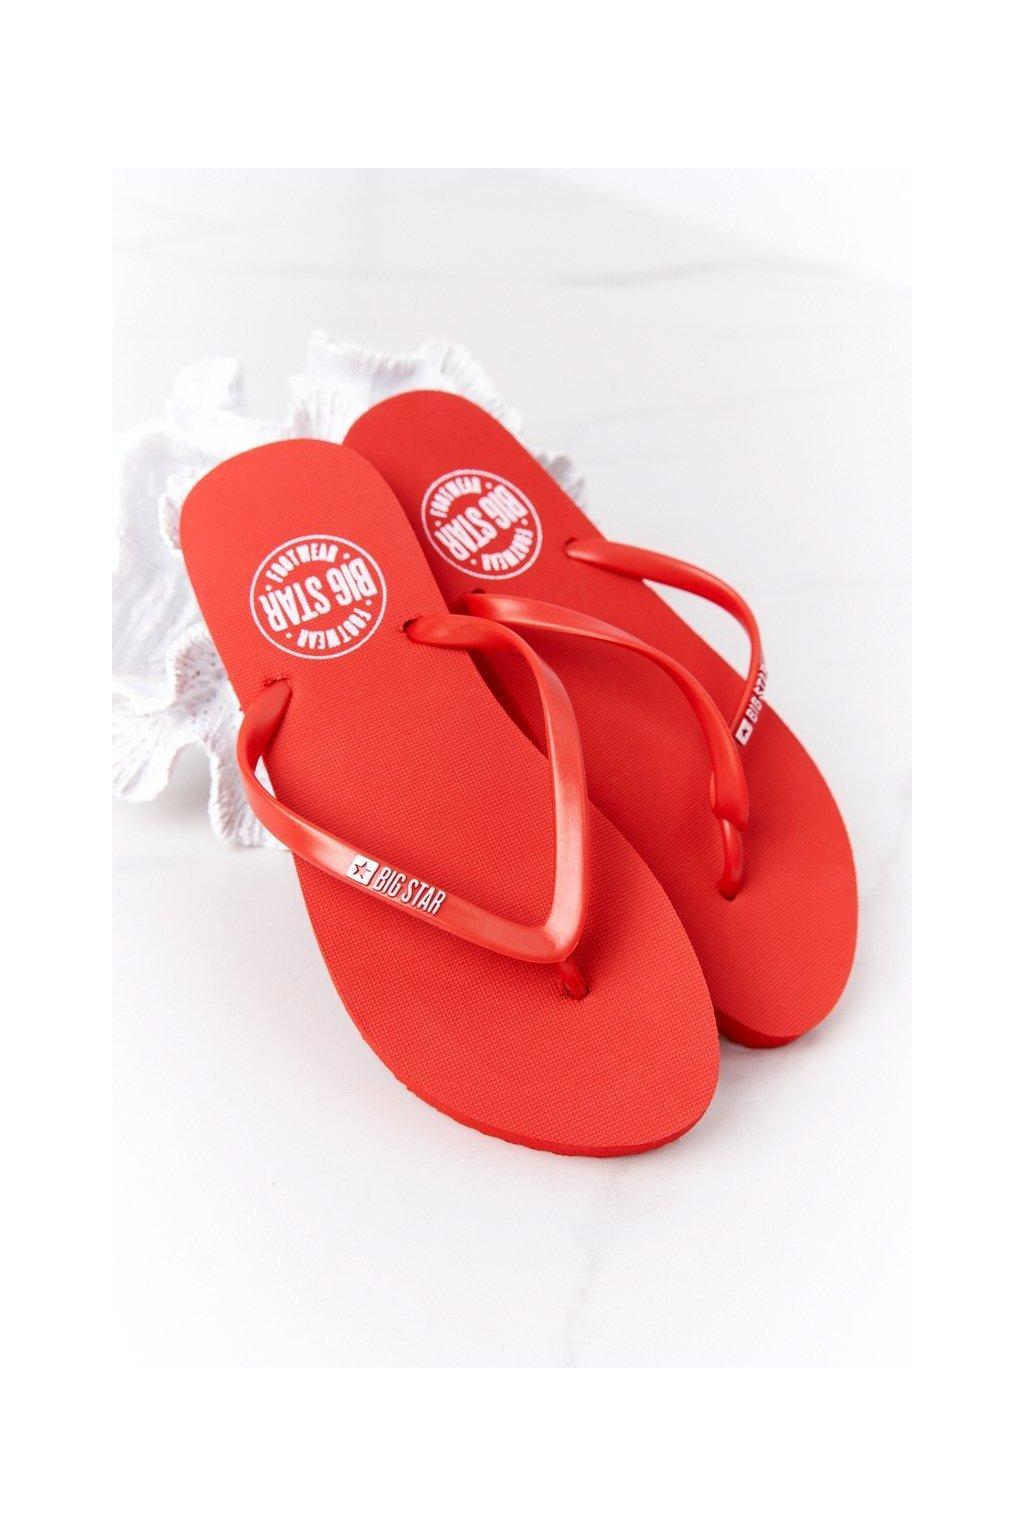 Dámske šľapky farba červená NJSK FF274A611 RED